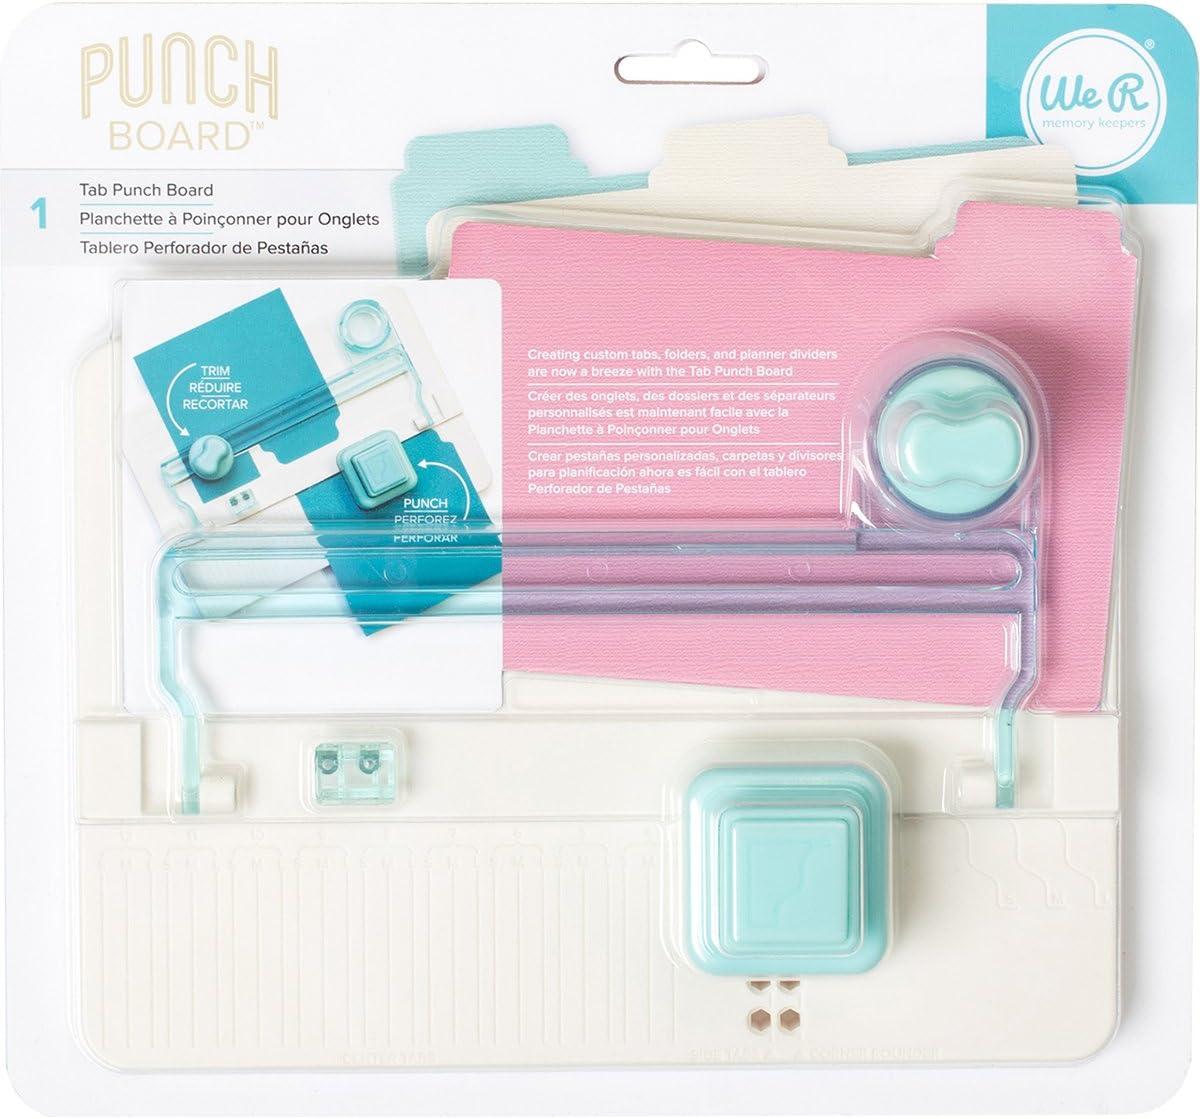 We R Memory Keepers Punch Board Marca, plástico, Multicolor, 10 x 12 x 6 cm, Talla Única: Amazon.es: Hogar